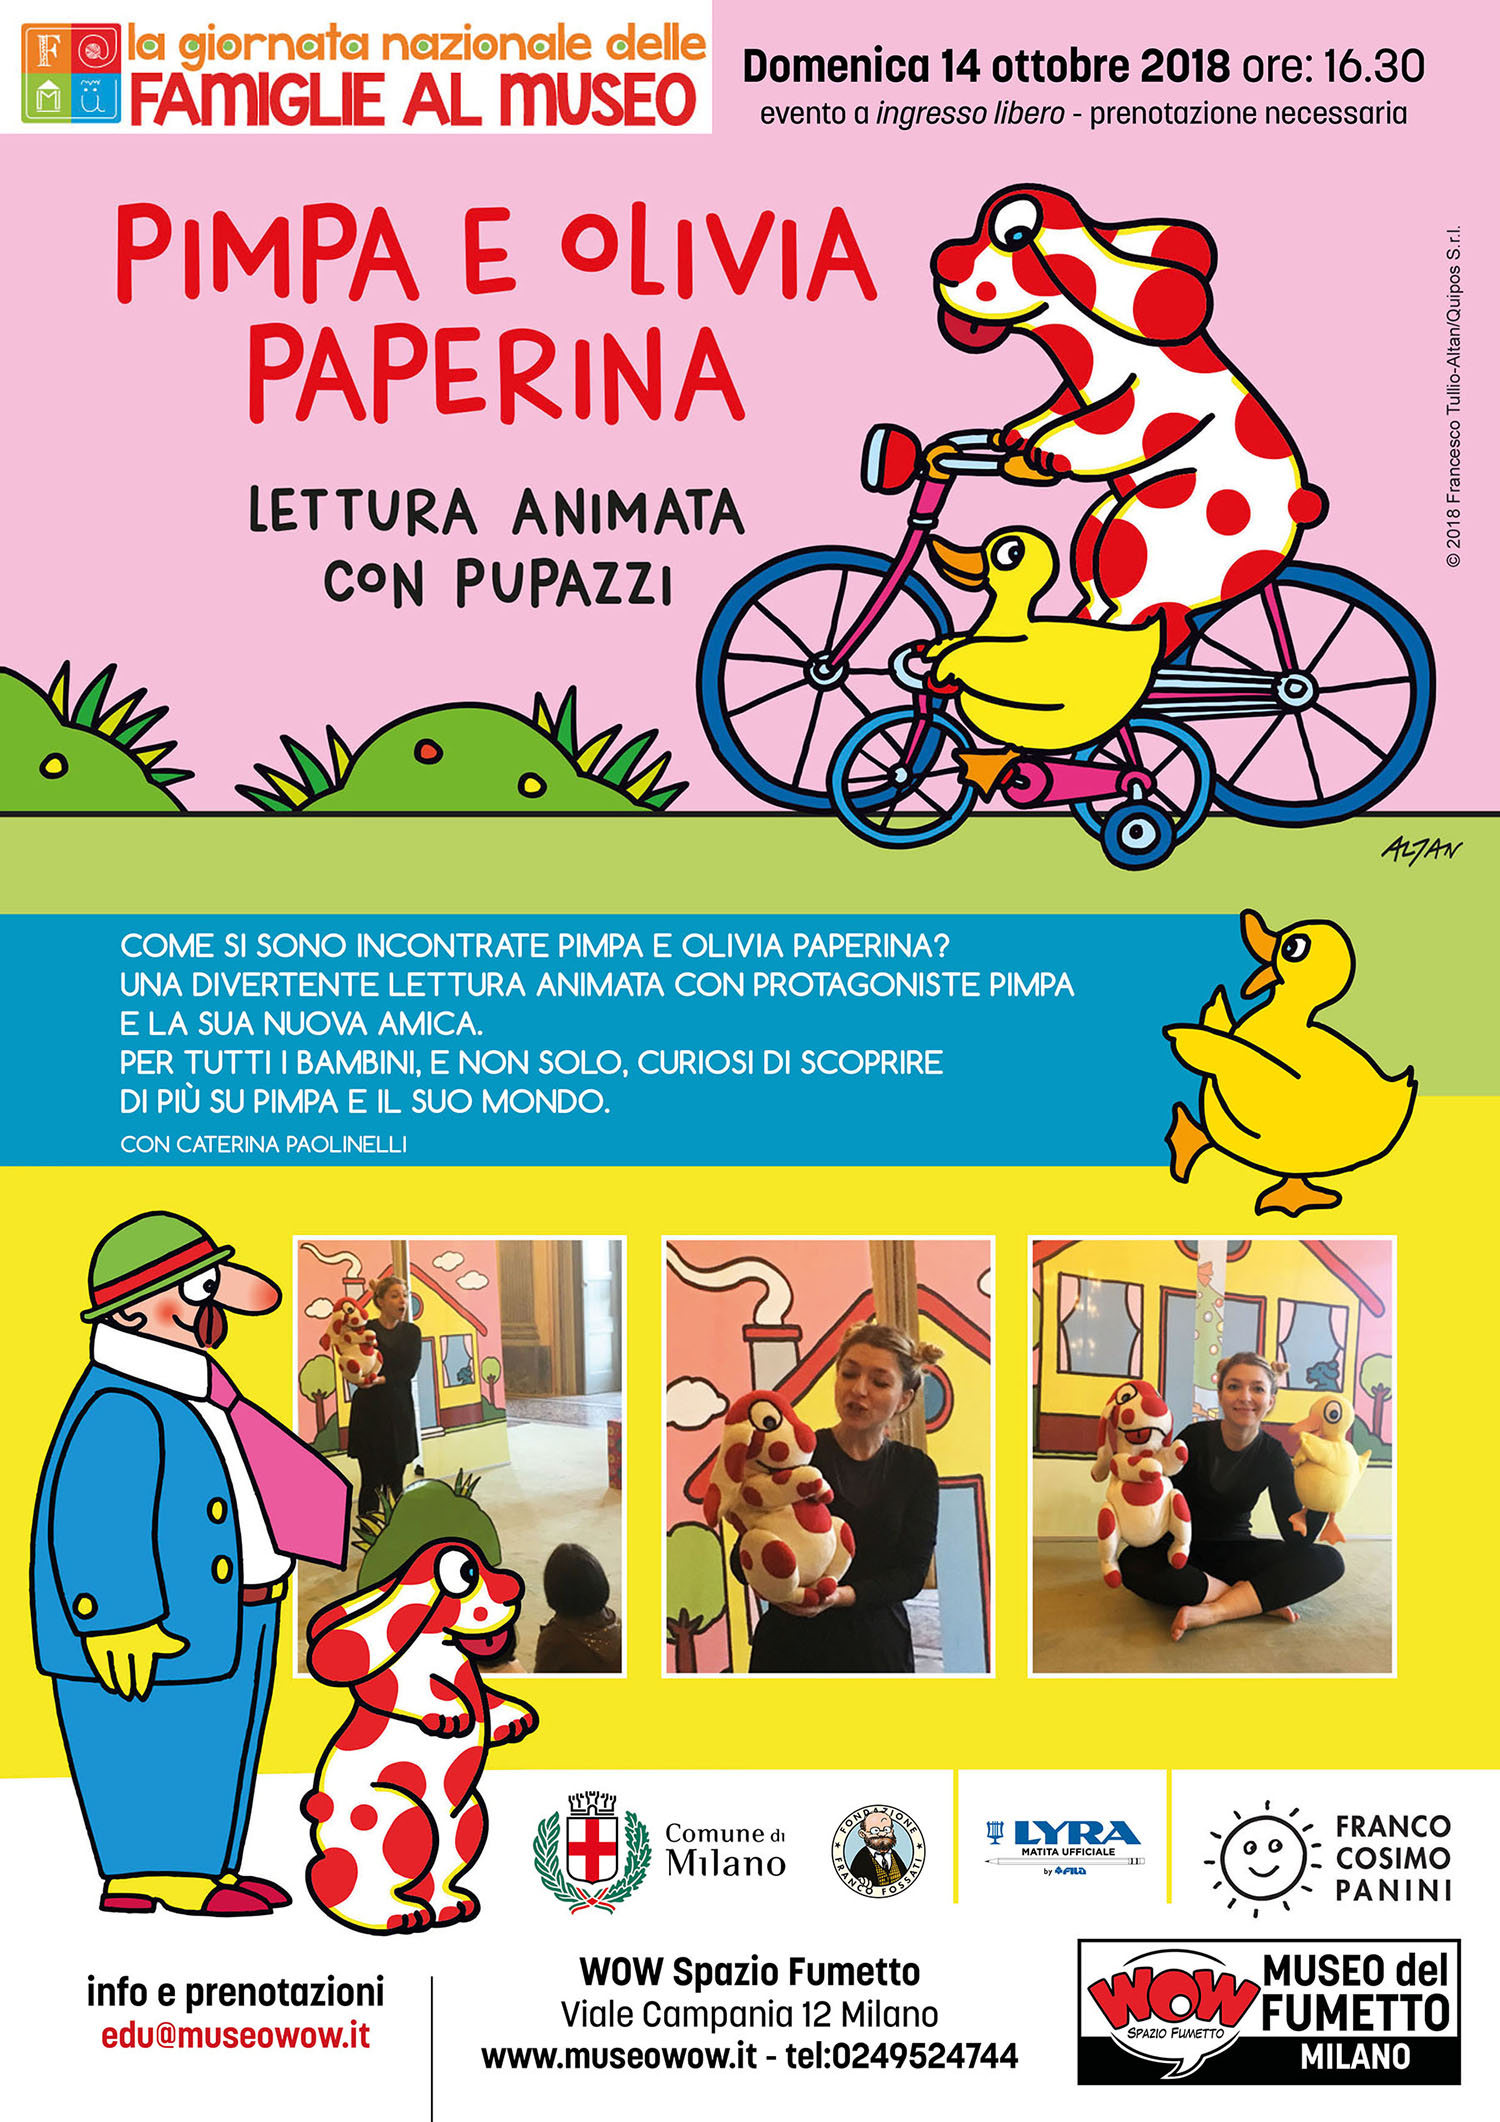 """<p><strong>Una lettura animata ispirata alle storie scritte da Francesco Tullio Altan, che vede protagonista <a target=""""_blank"""" href=""""https://www.pimpa.it/"""">Pimpa</a></strong>, la tenera cagnolina bianca a pallini rossi, <strong>e una nuova amica: la papera Olivia!</strong> Lei &egrave; piccola, si approccia al mondo con uno sguardo di meraviglia e Pimpa si prende cura di lei come una sorella maggiore. Fra le due nasce una tenera amicizia che si rafforza con il susseguirsi delle stagioni. Una suggestiva e divertente lettura animata per immergersi nel magico mondo di Pimpa e dei suoi amici. <strong>Evento organizzato in collaborazione con <a target=""""_blank"""" href=""""https://www.fcp.it/"""">Franco Cosimo Panini</a>, con Caterina Paolinelli</strong> (voce narrante e pupazzi); ideazione e sceneggiatura di <strong>Giorgio Scaramuzzino</strong>. Attivit&agrave; per bambini <strong>dai 3 anni in su</strong>, inserita nel programma di&nbsp;<a target=""""_blank"""" href=""""http://www.famigliealmuseo.it/en/"""">FAMu - Giornata Nazionale delle Famiglie al Museo</a>.</p>"""